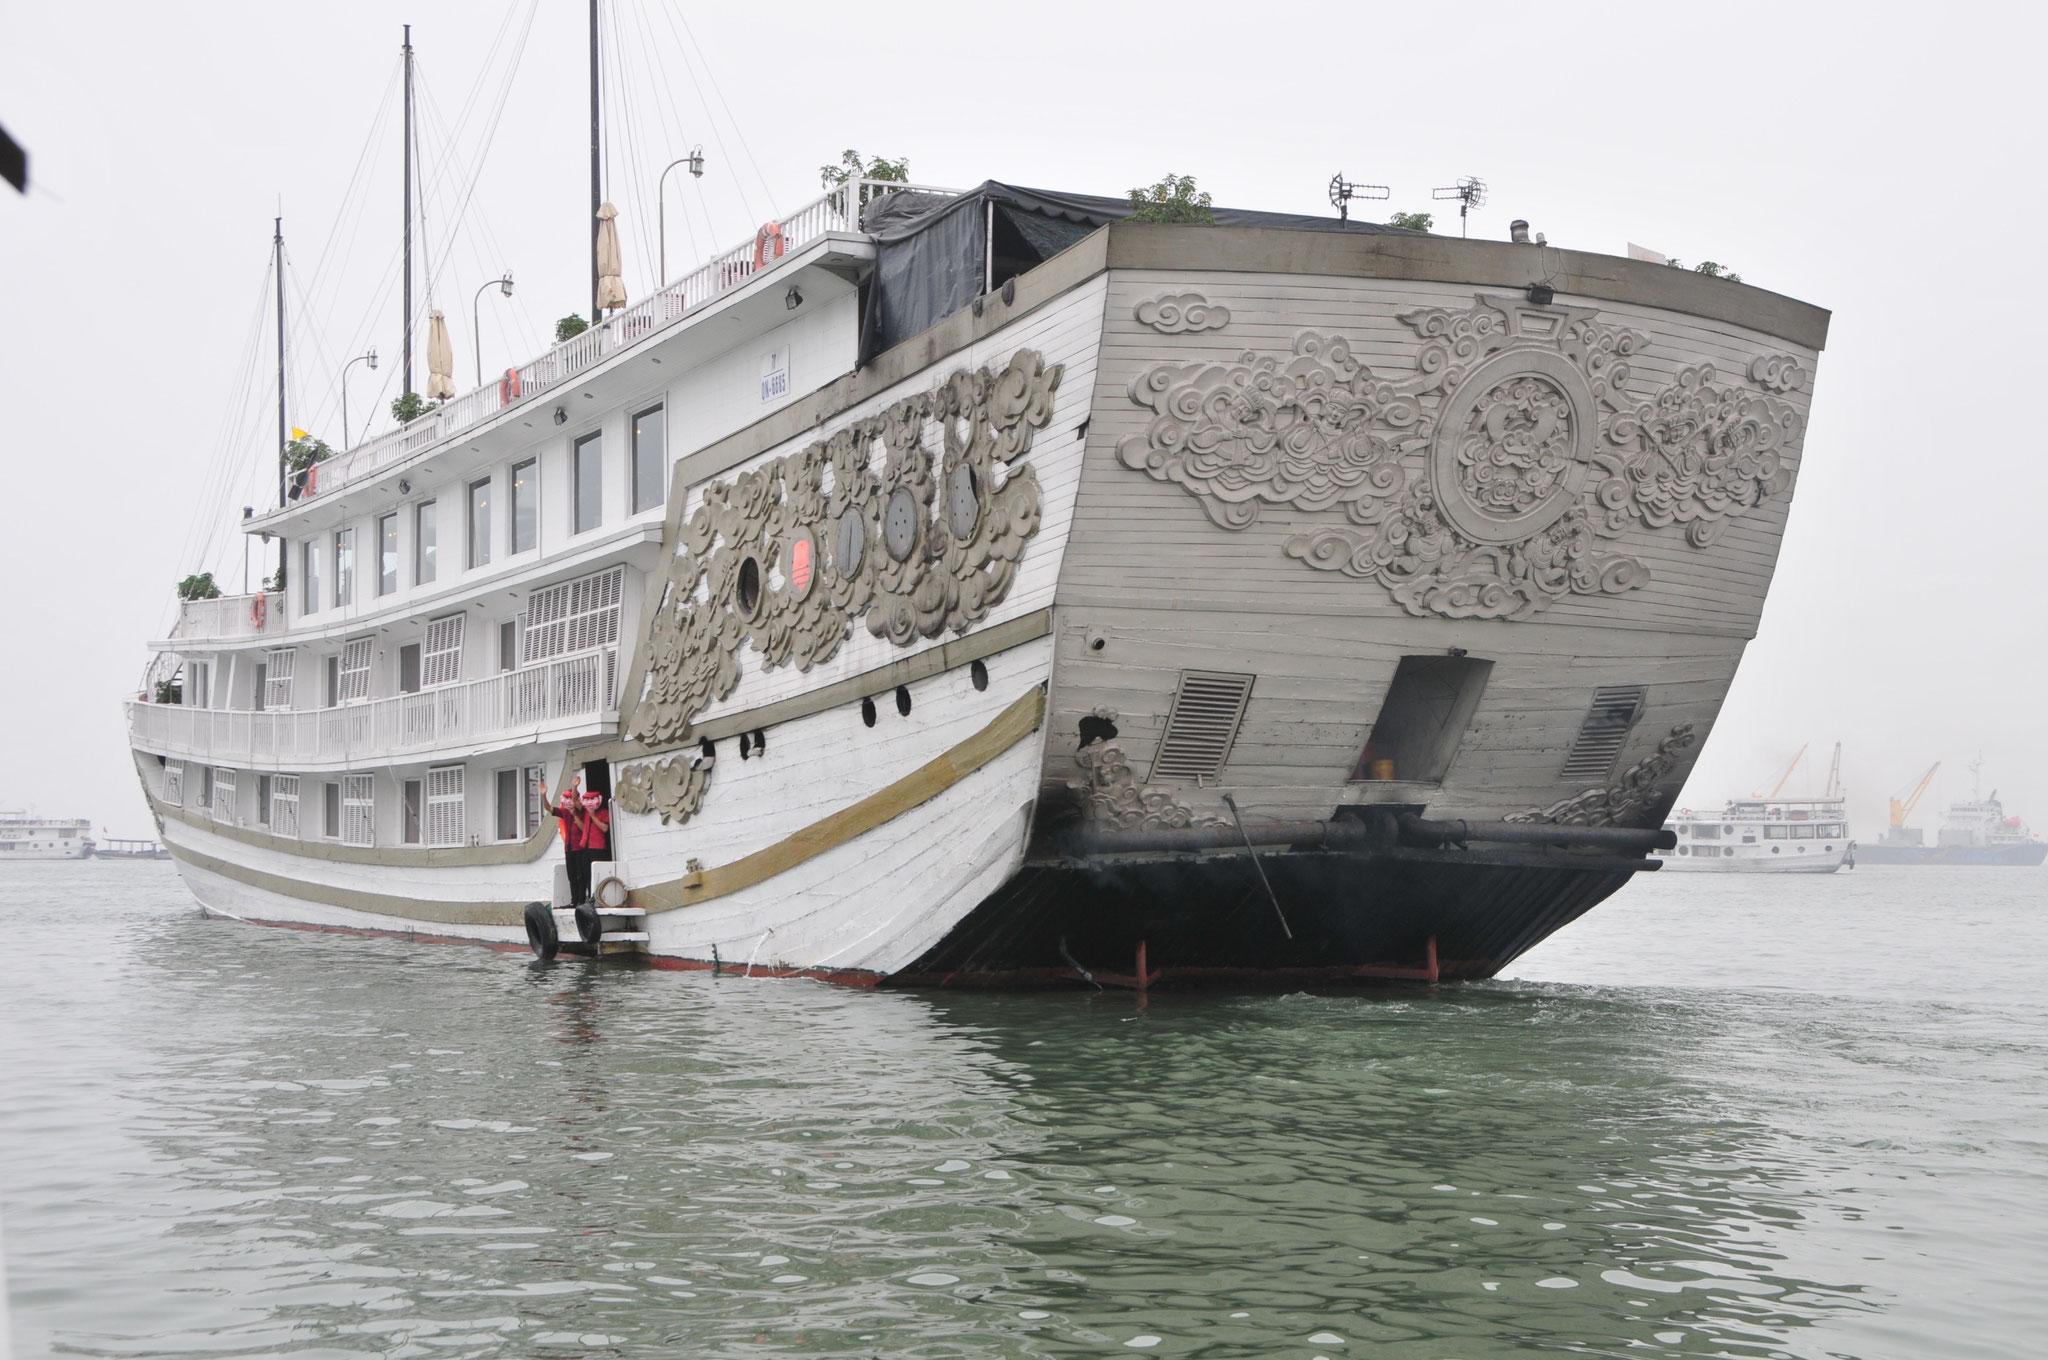 Tag 3 - Wir gehen in der Ha Long Bucht an Board der wunderschönen Dschunke